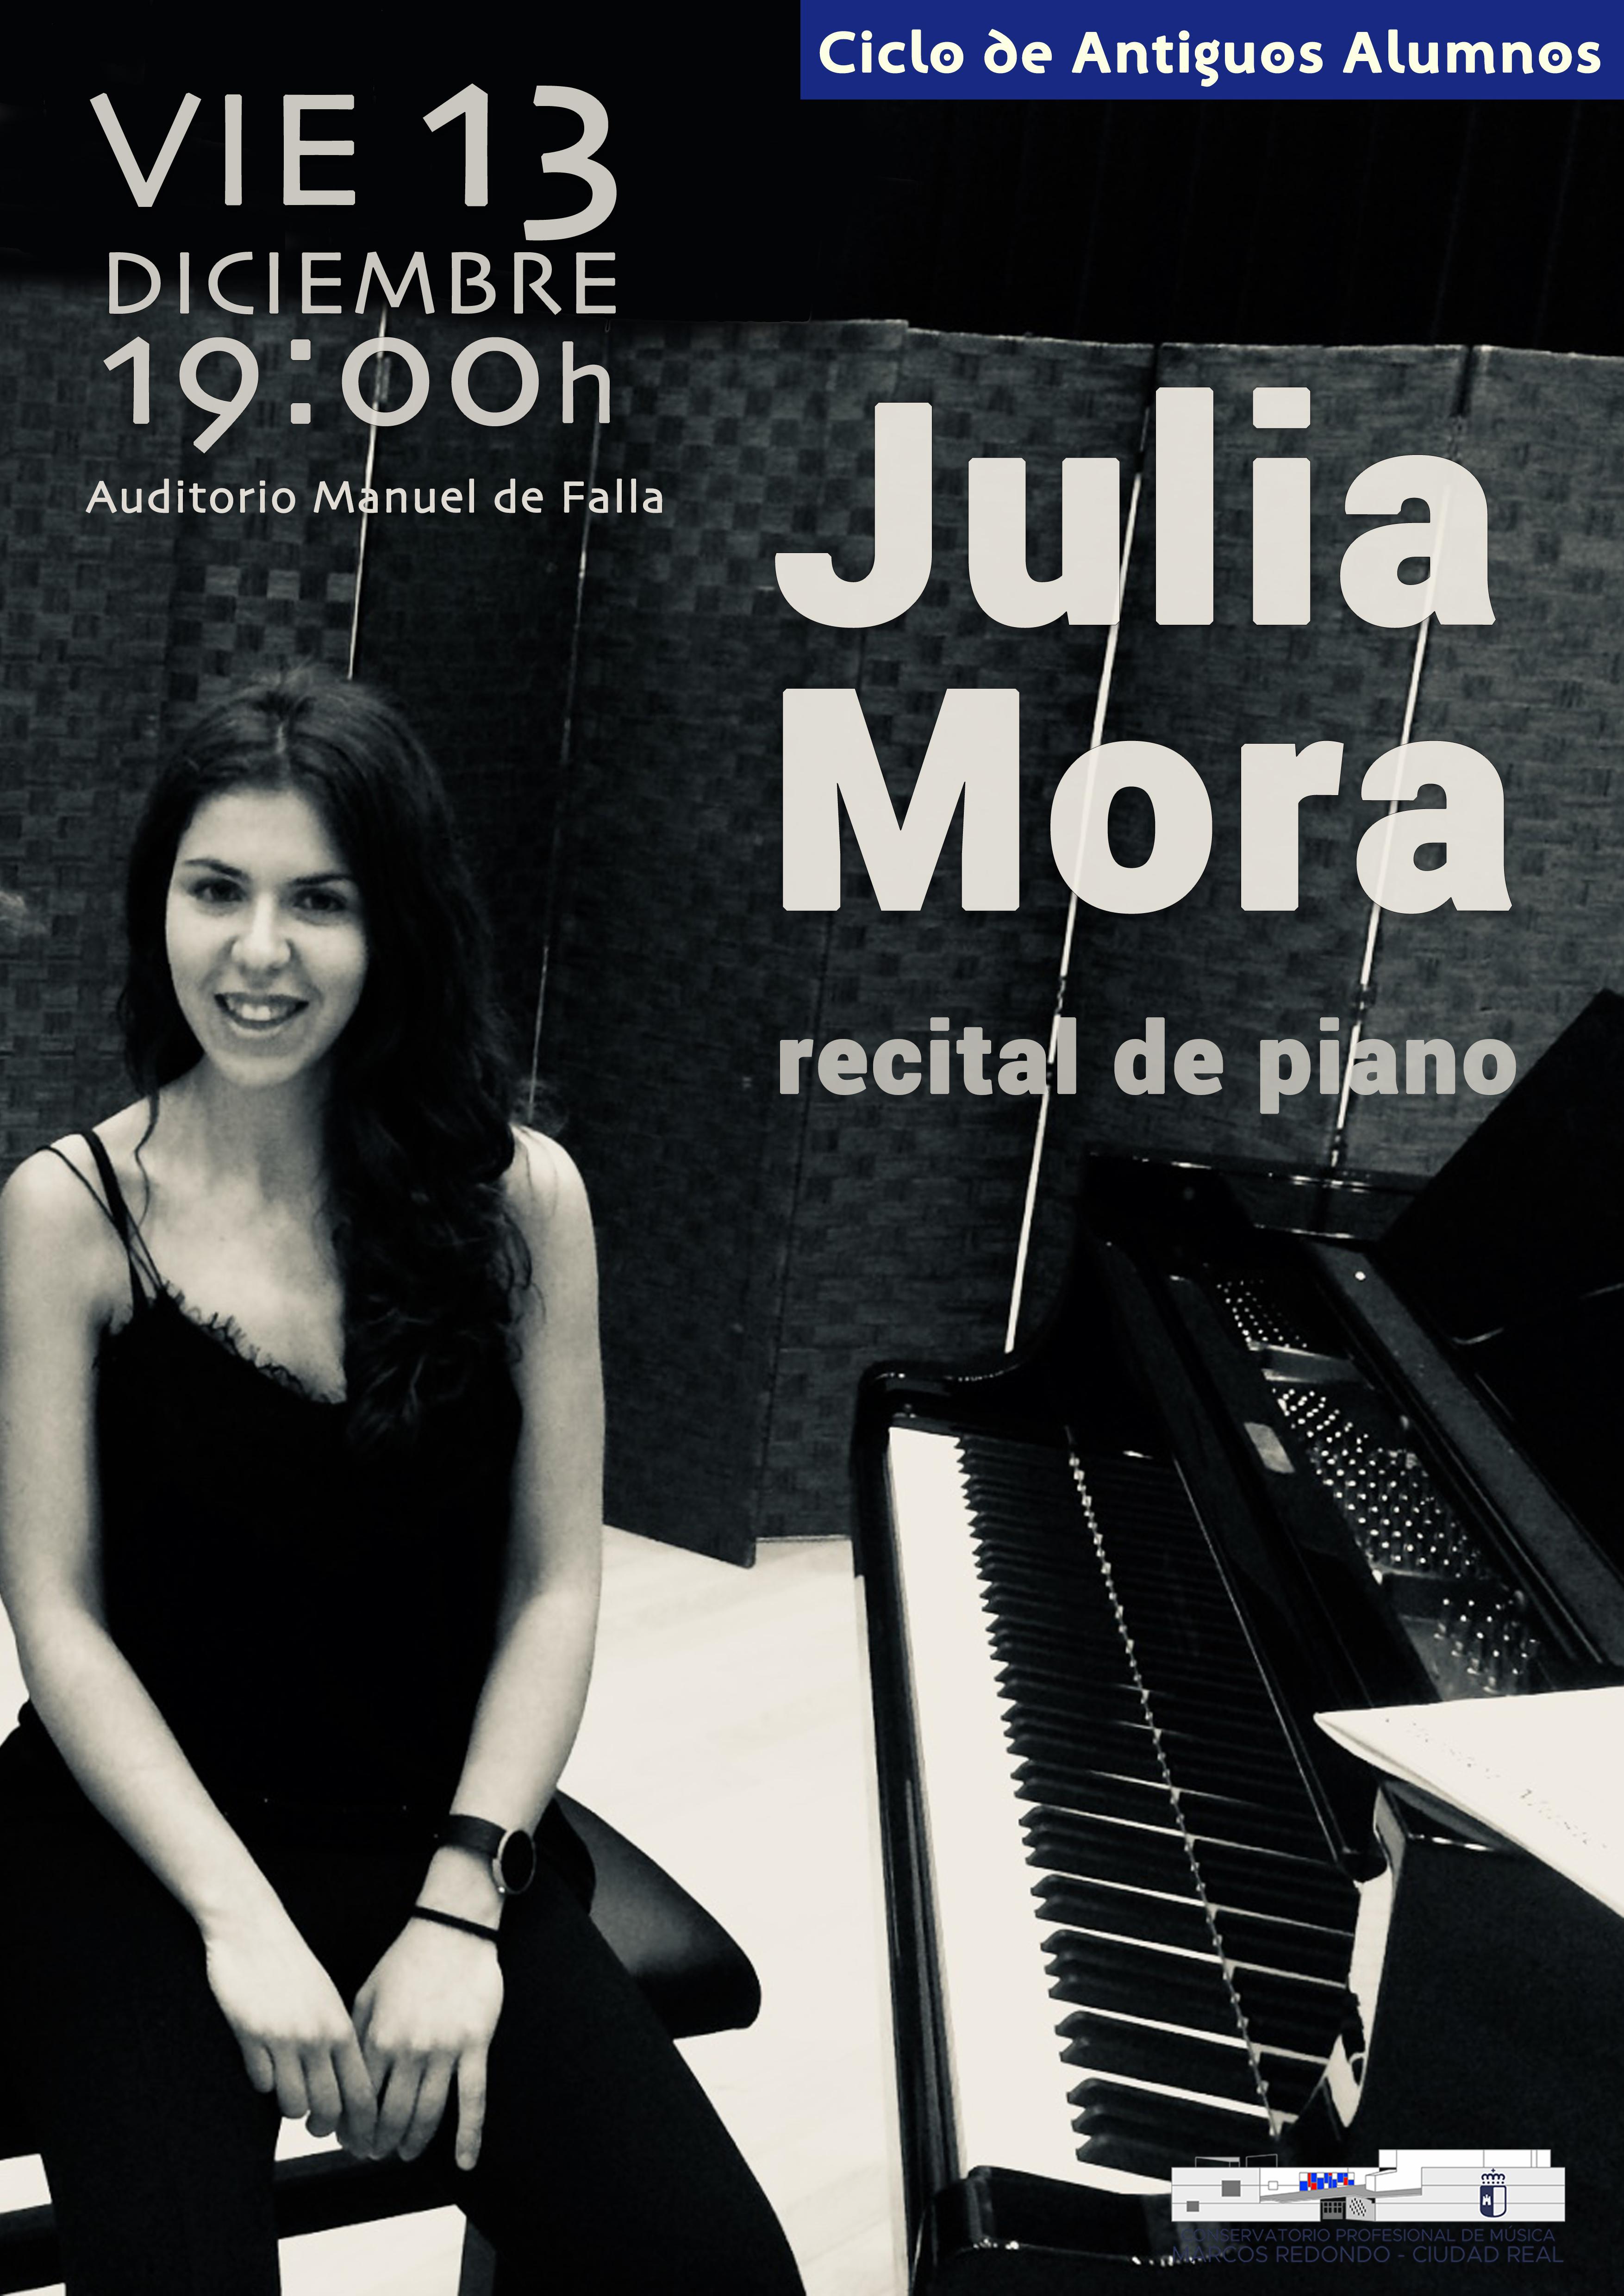 Ciclo de Antiguos Alumnos: Recital de piano de Julia Mora